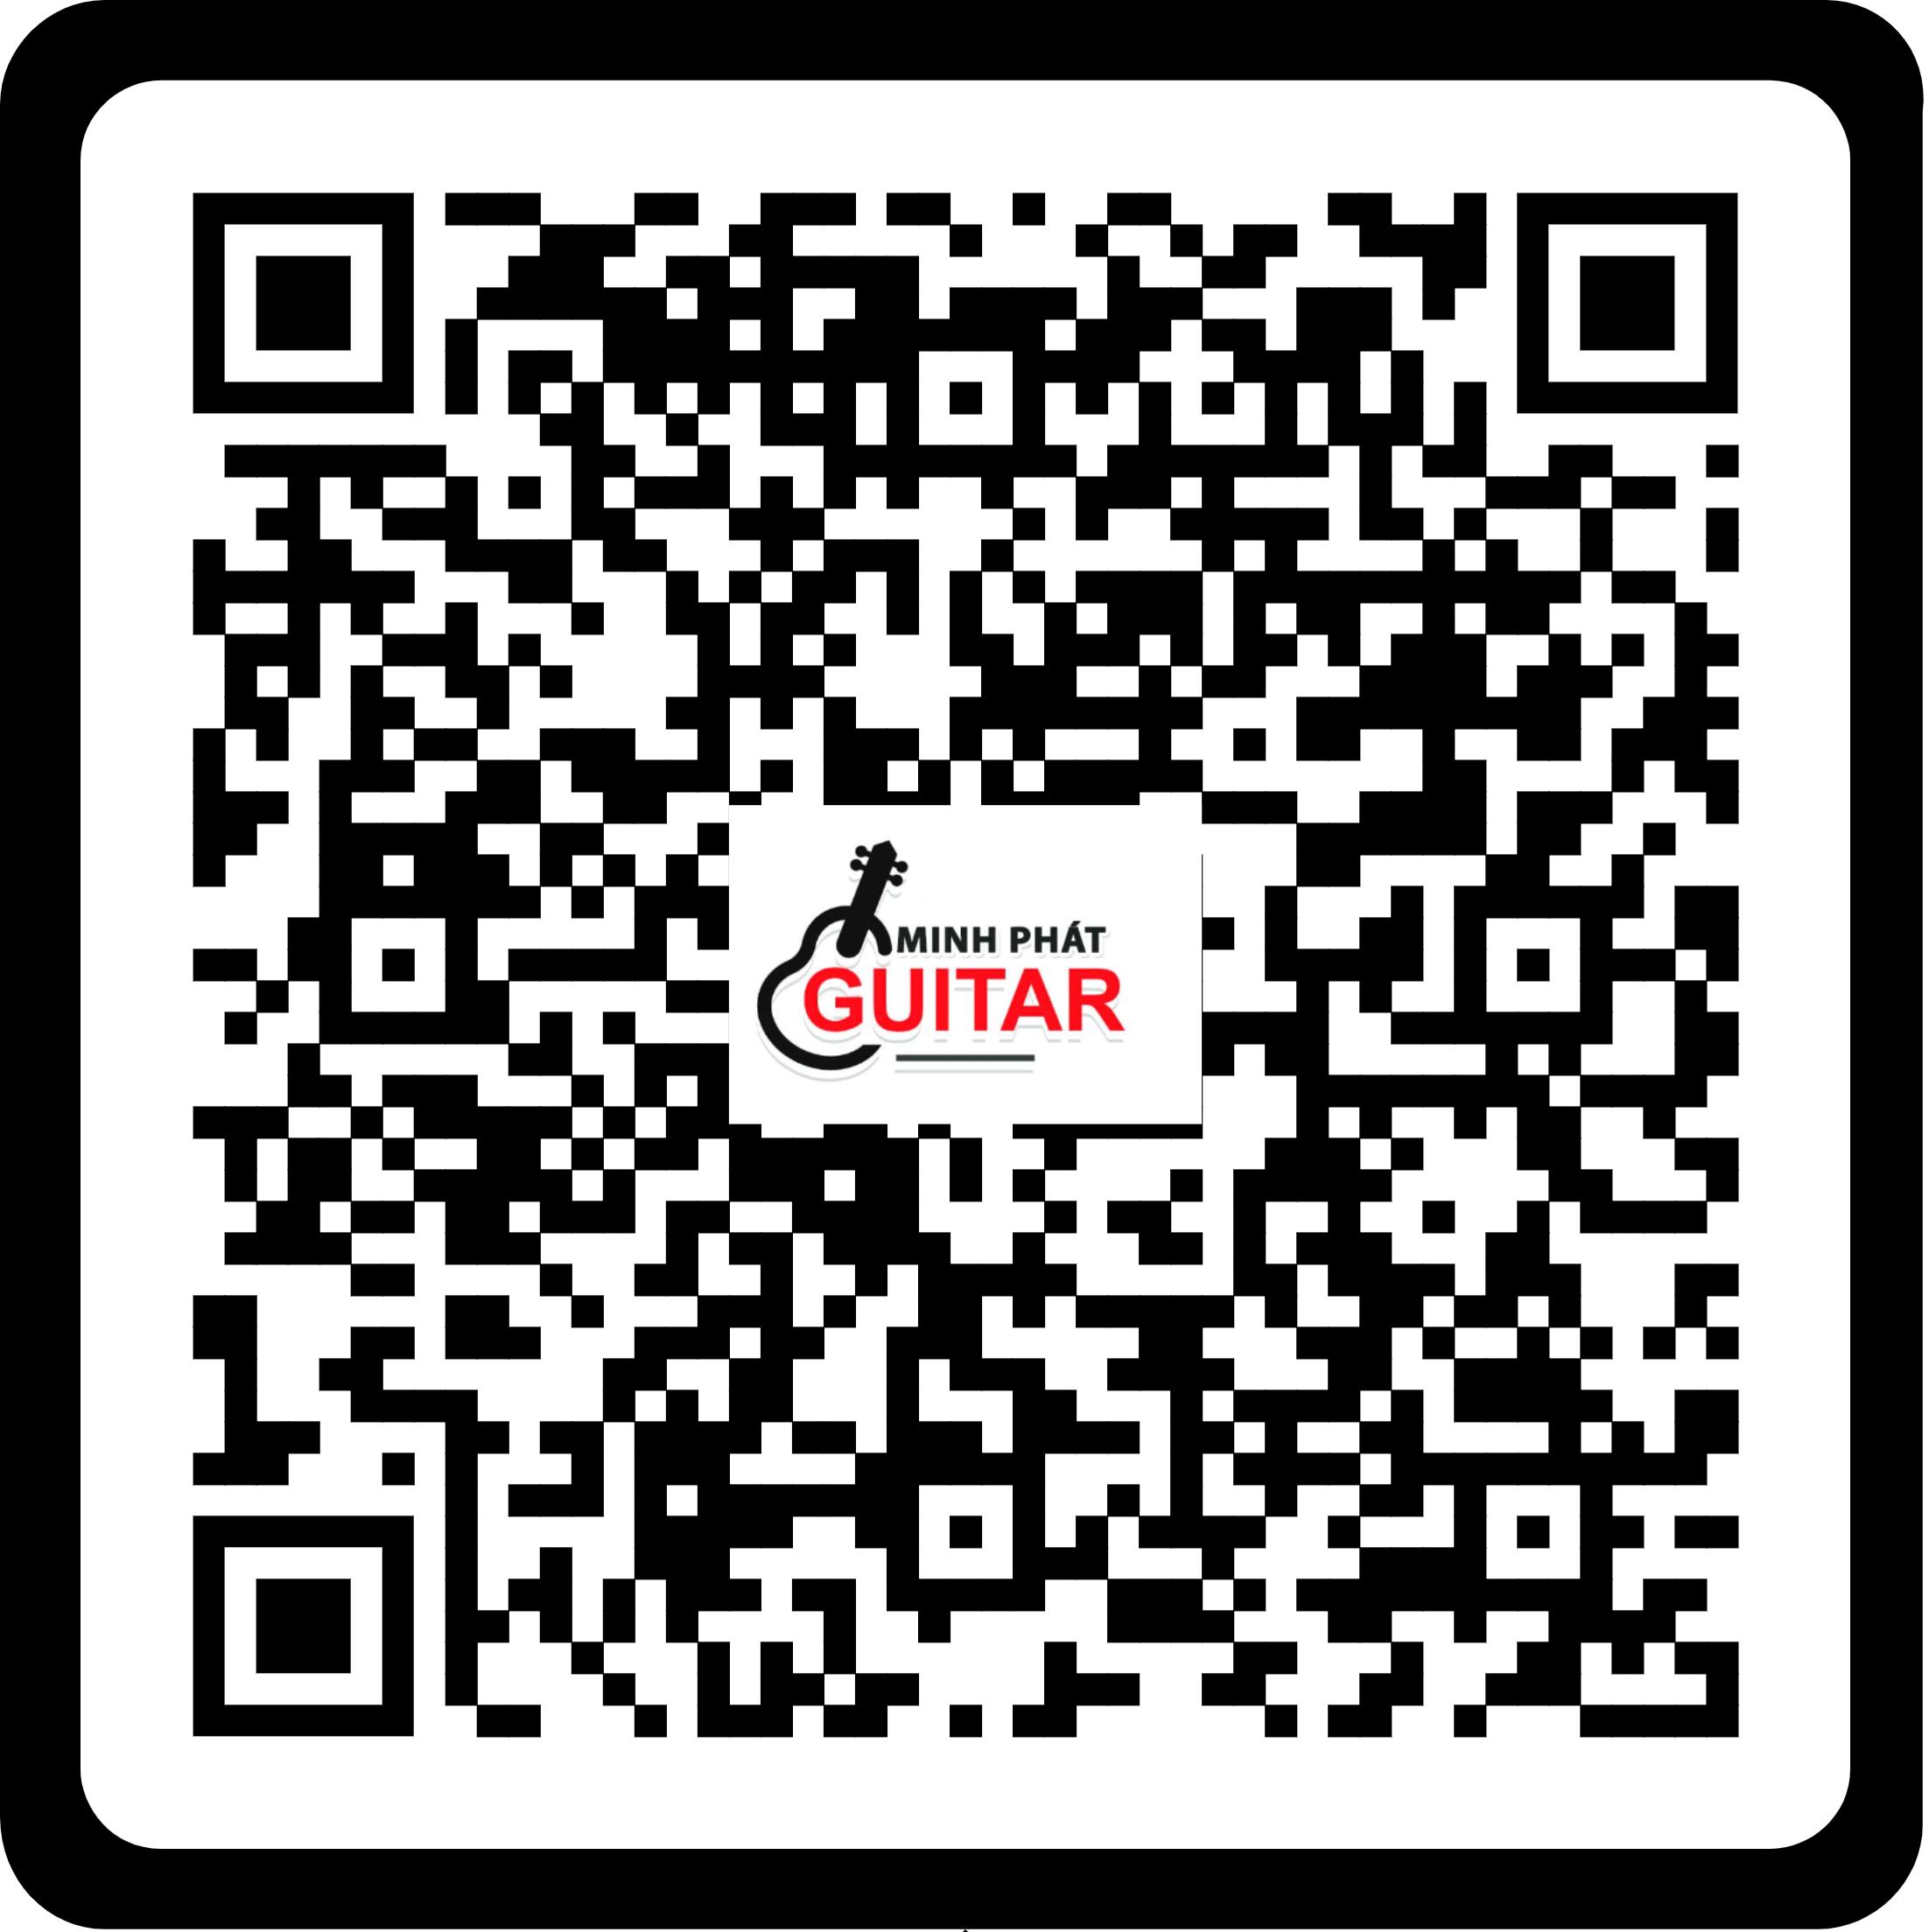 Giáo Trình Guitar - Ukulele